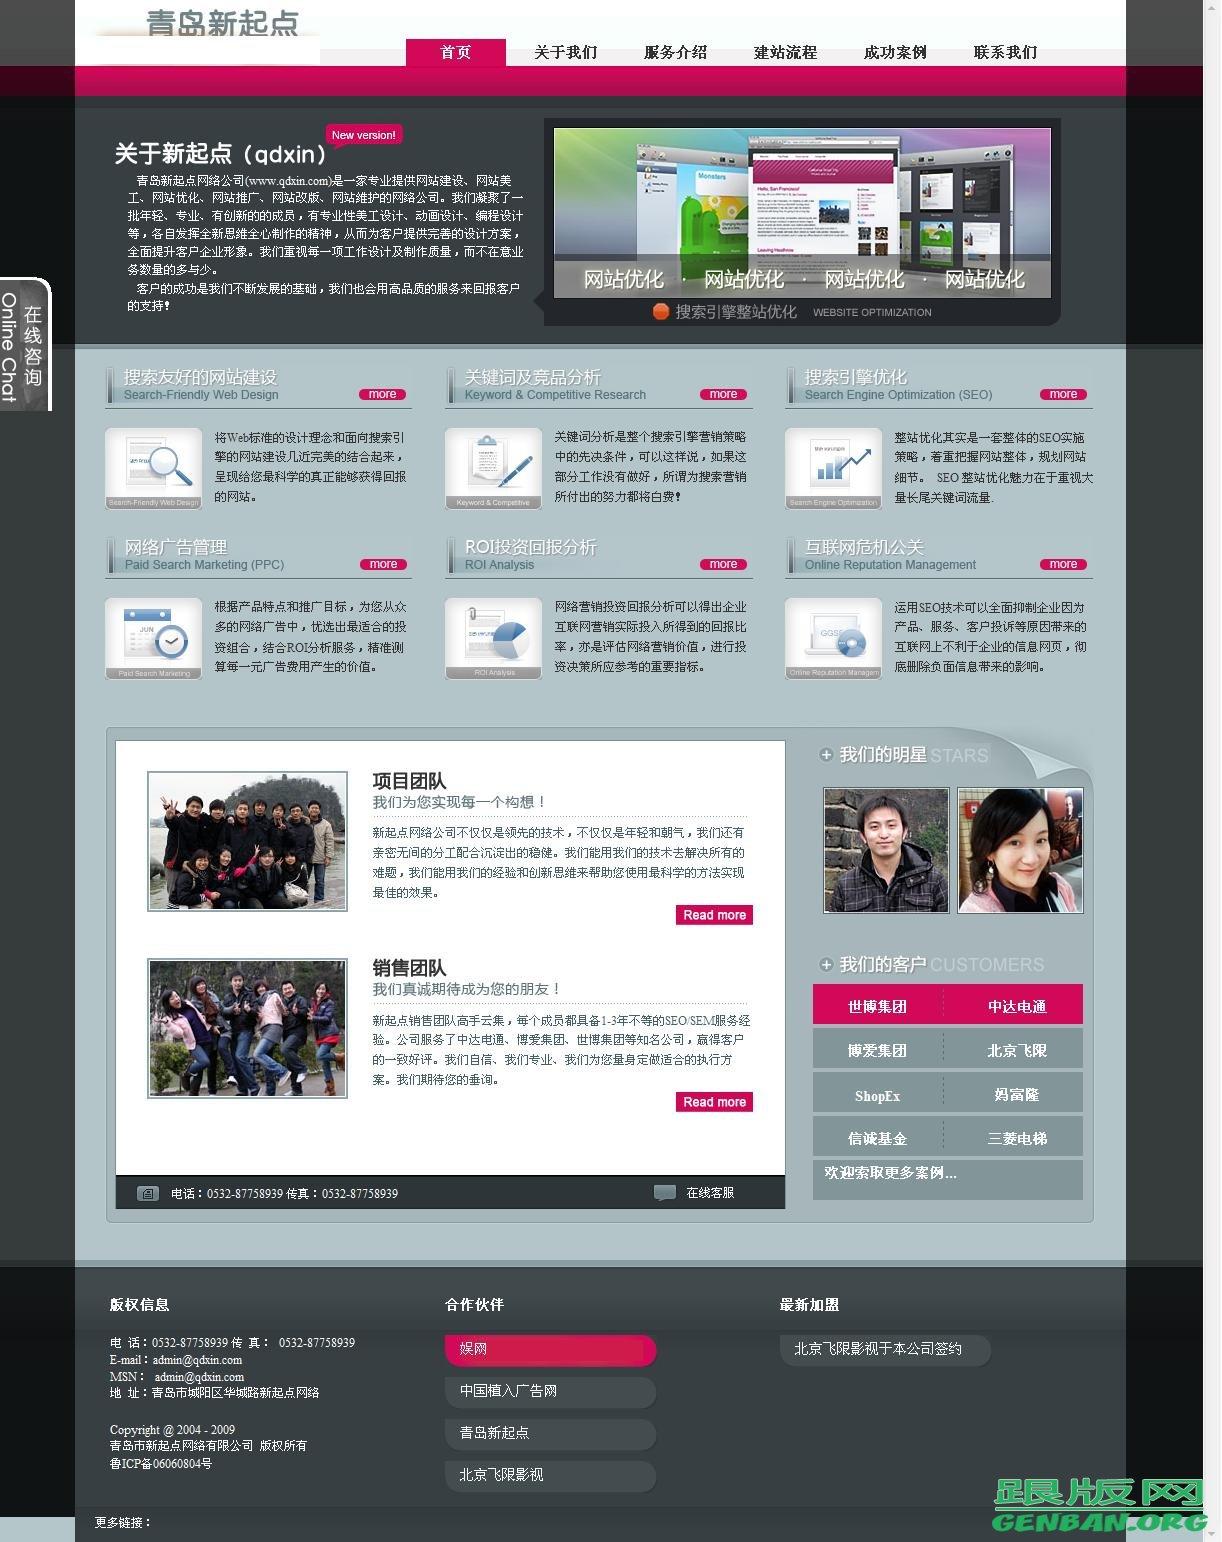 dedecms某建站公司公司源码_织梦建站公司模板下载